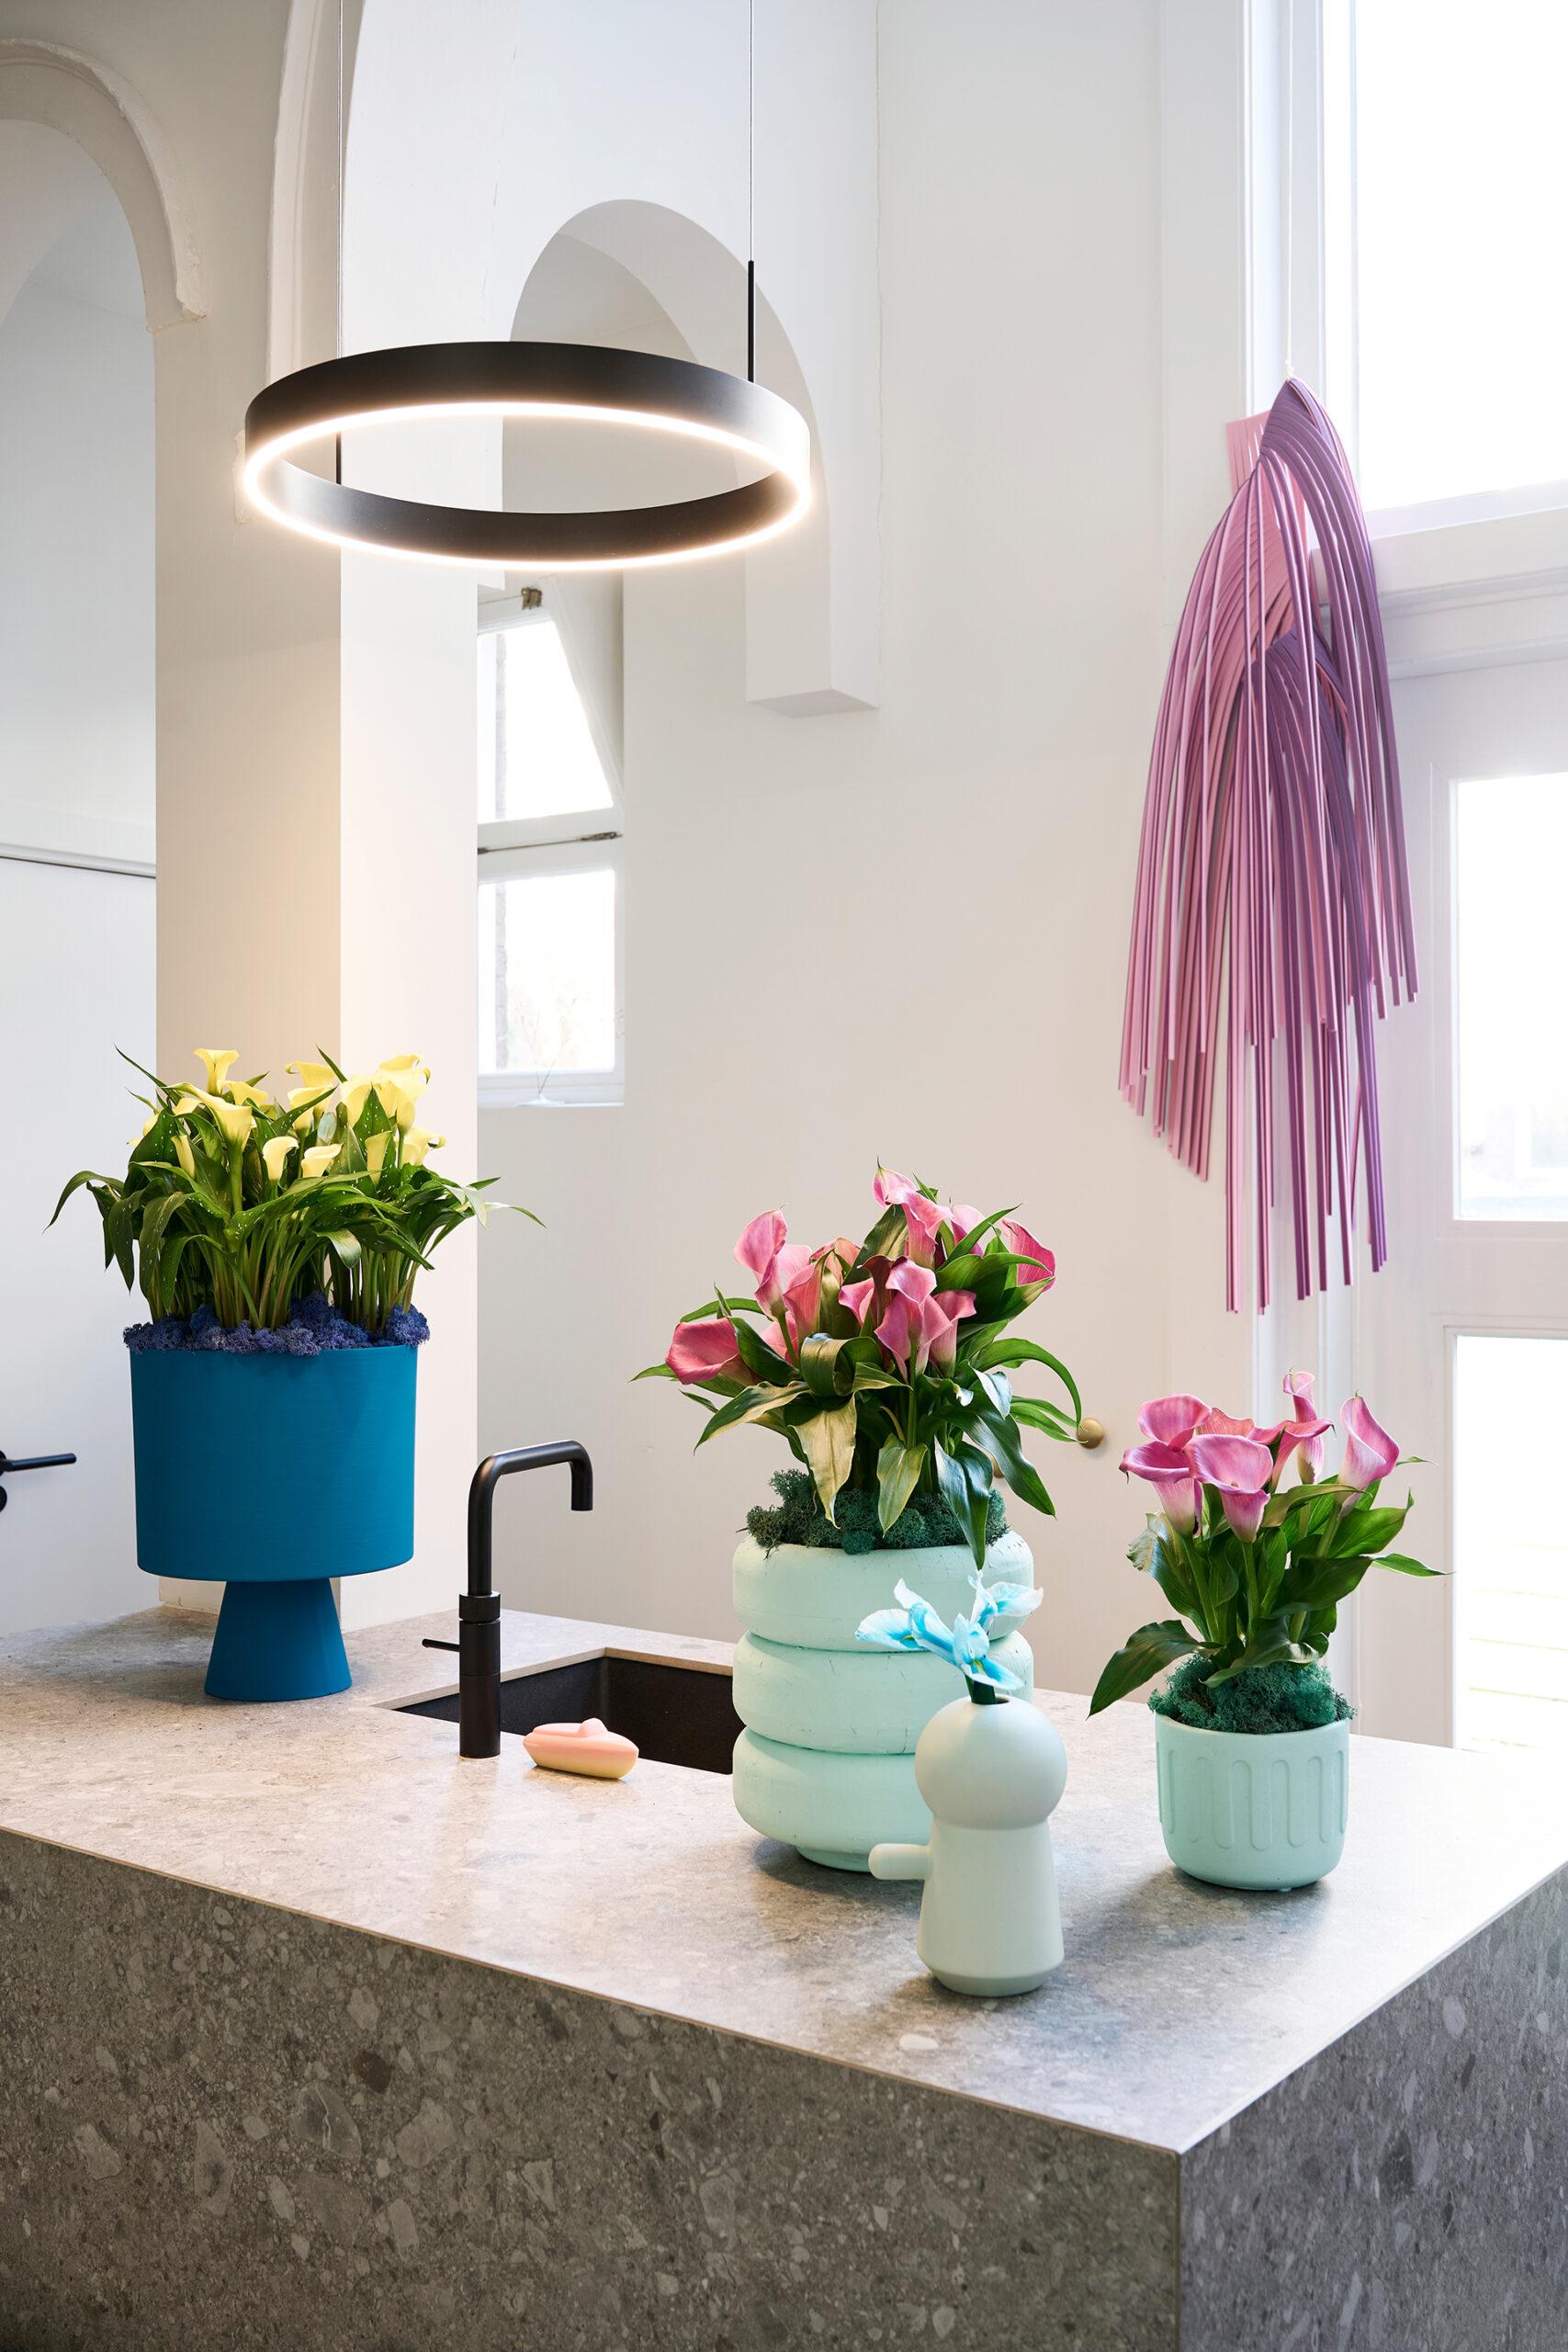 Die Calla-Lilie verleiht jeden Raum ein ganz besonderes Ambiente